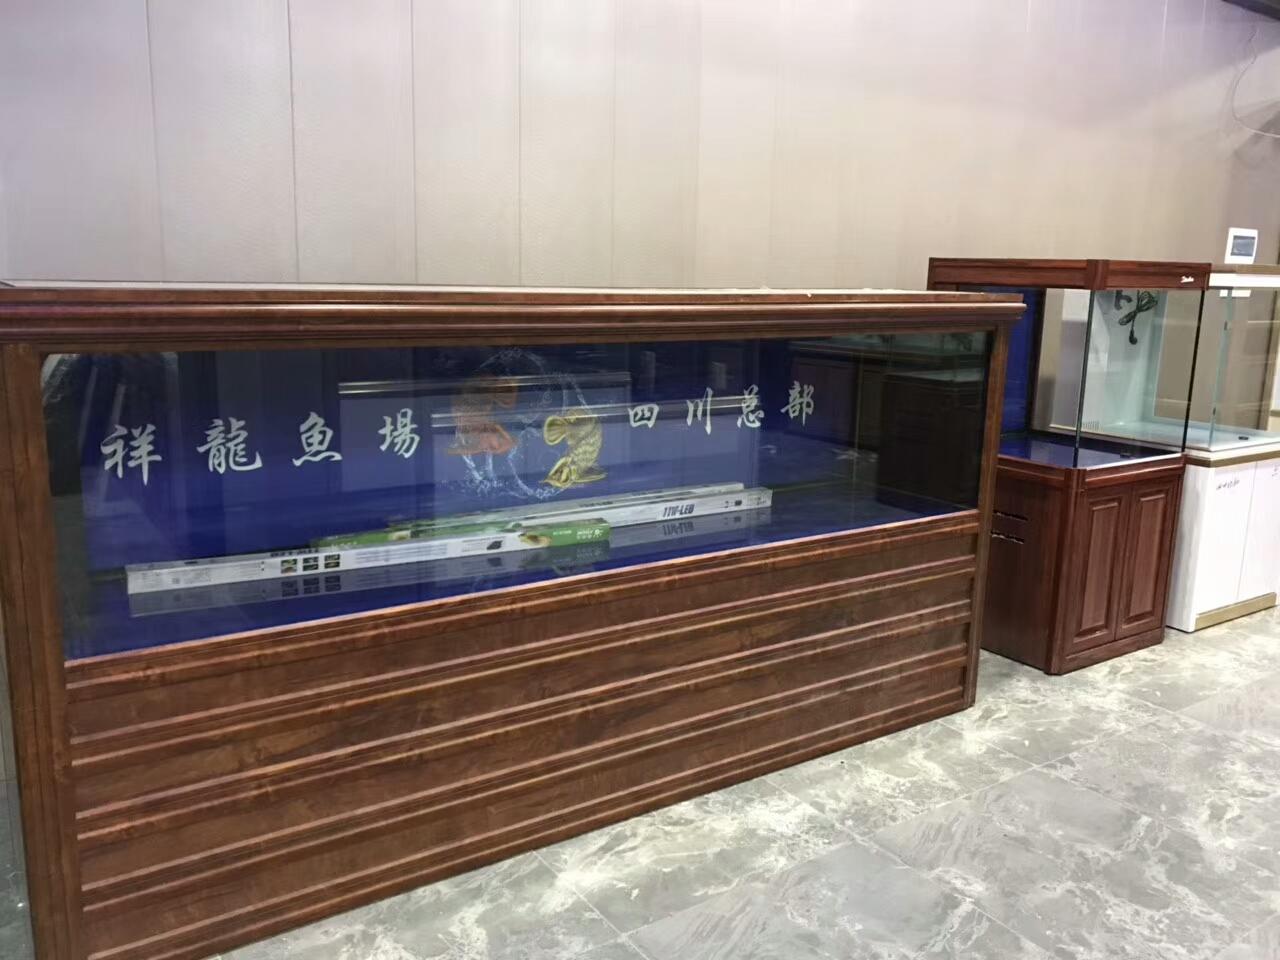 绵阳最大鱼缸入驻绵阳祥龙水族馆